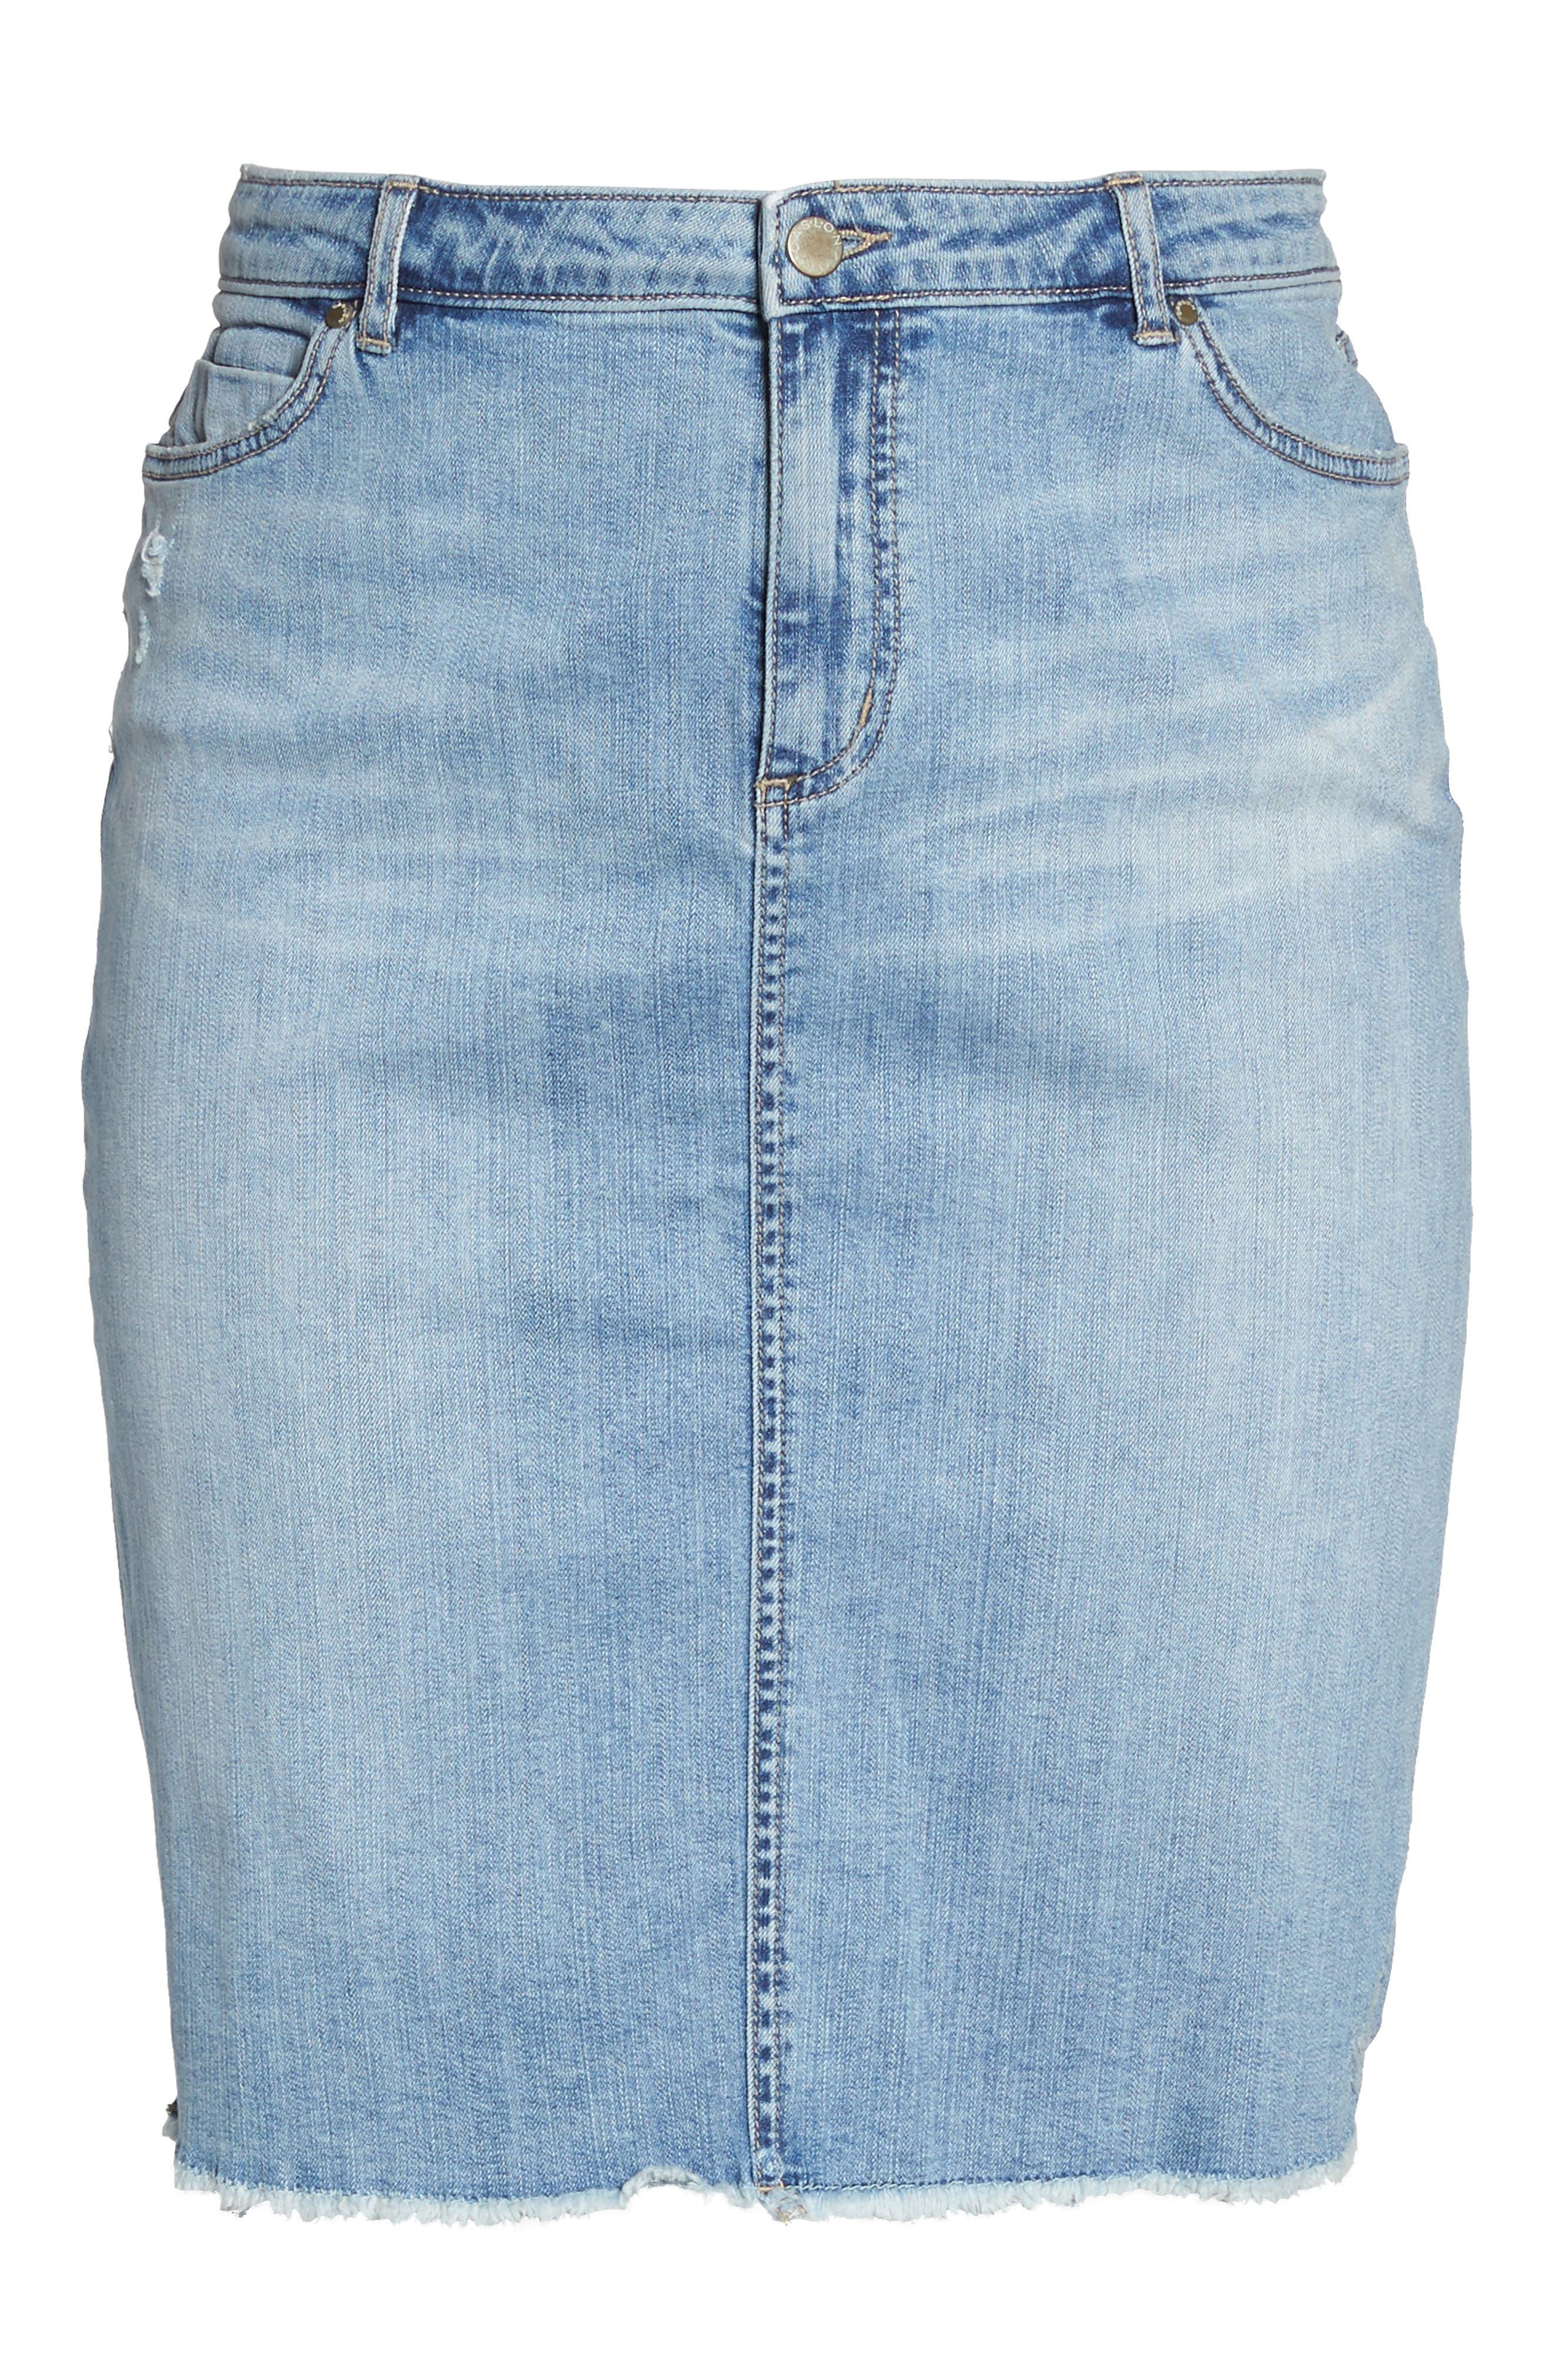 Raw Edge Denim Skirt,                             Alternate thumbnail 6, color,                             401